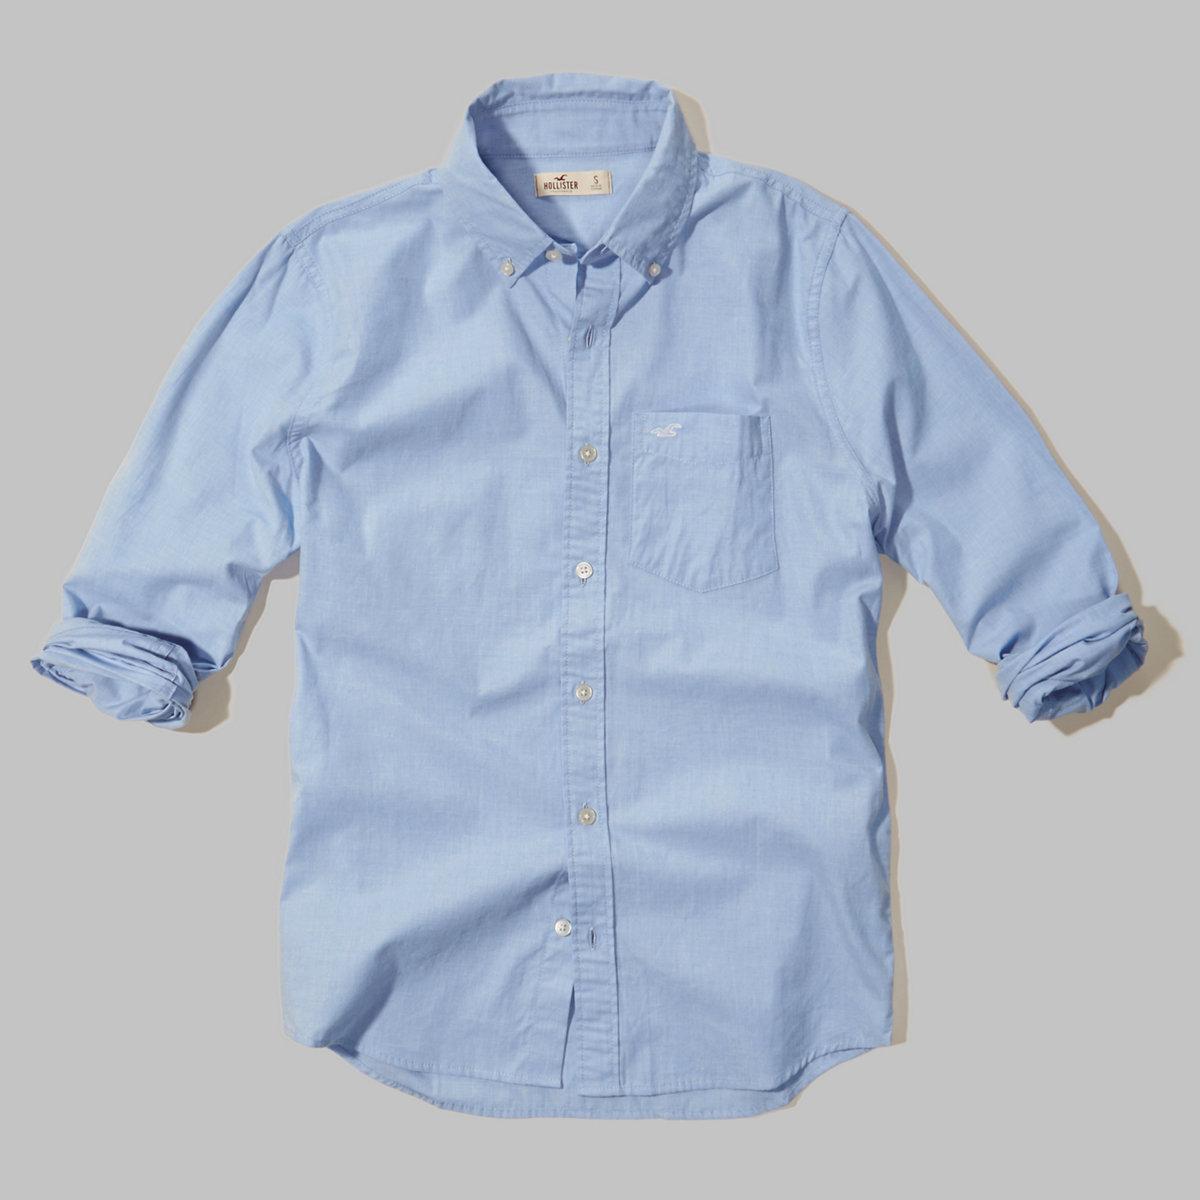 Malibu Poplin Shirt